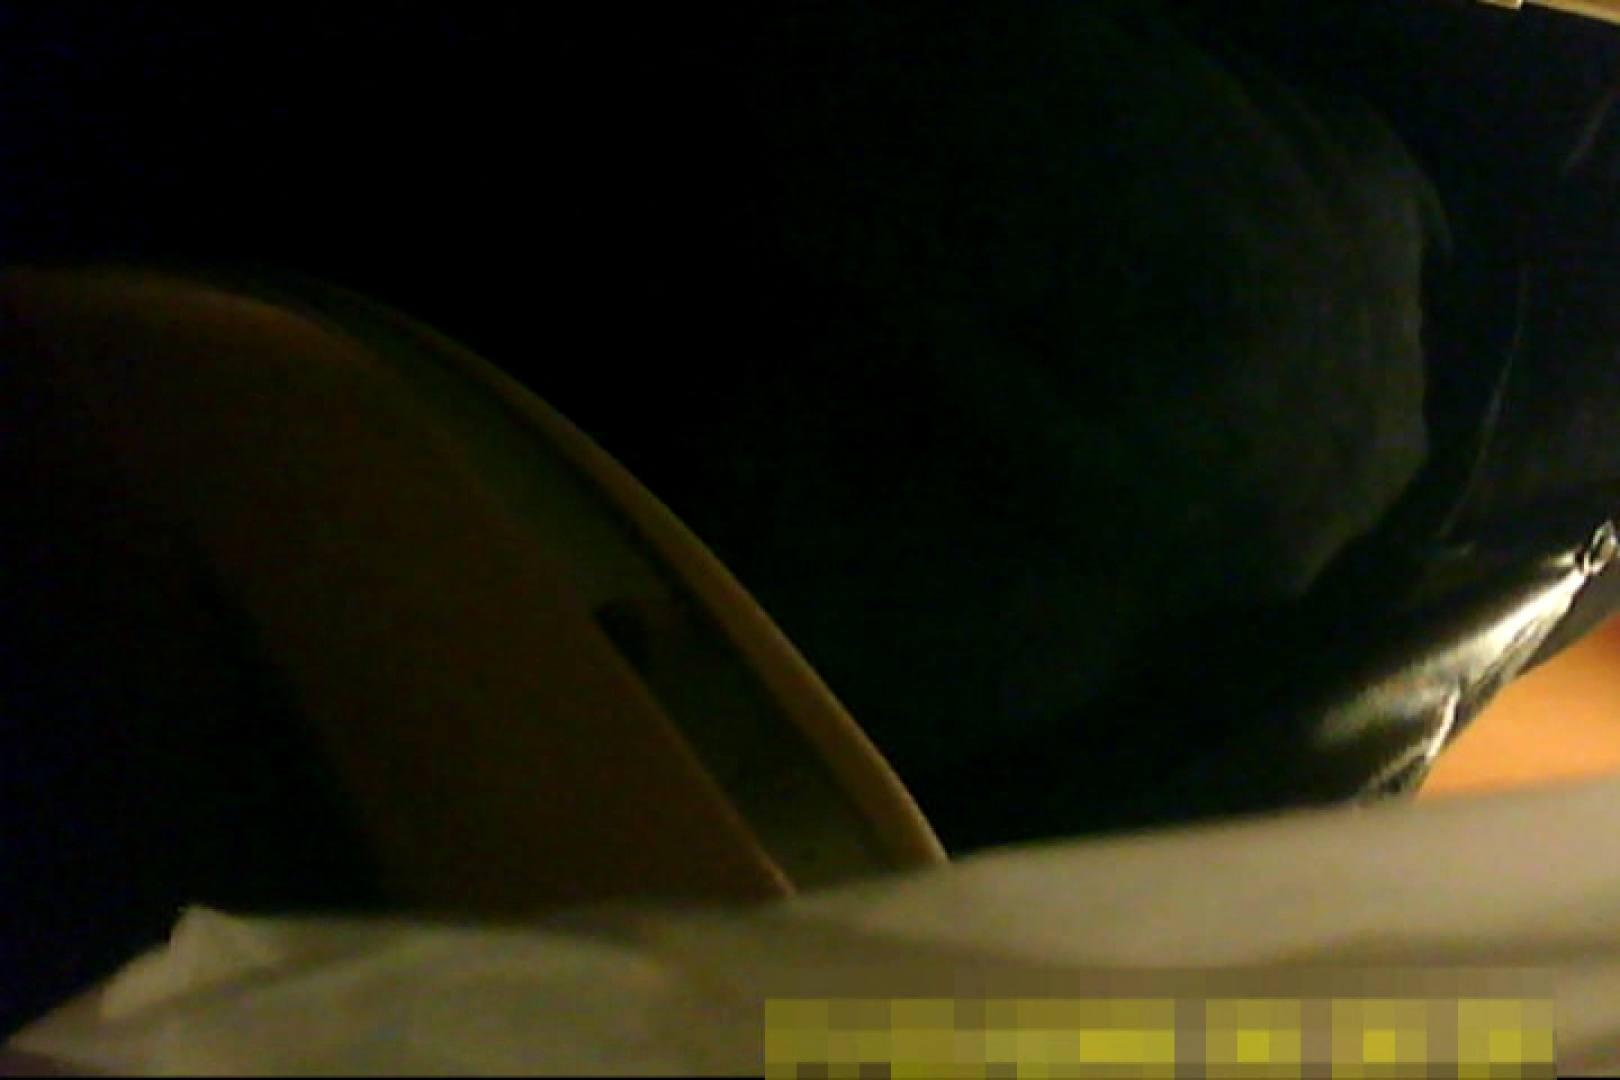 魅惑の化粧室~禁断のプライベート空間~vol.8 エッチな熟女 | プライベート映像  103pic 13